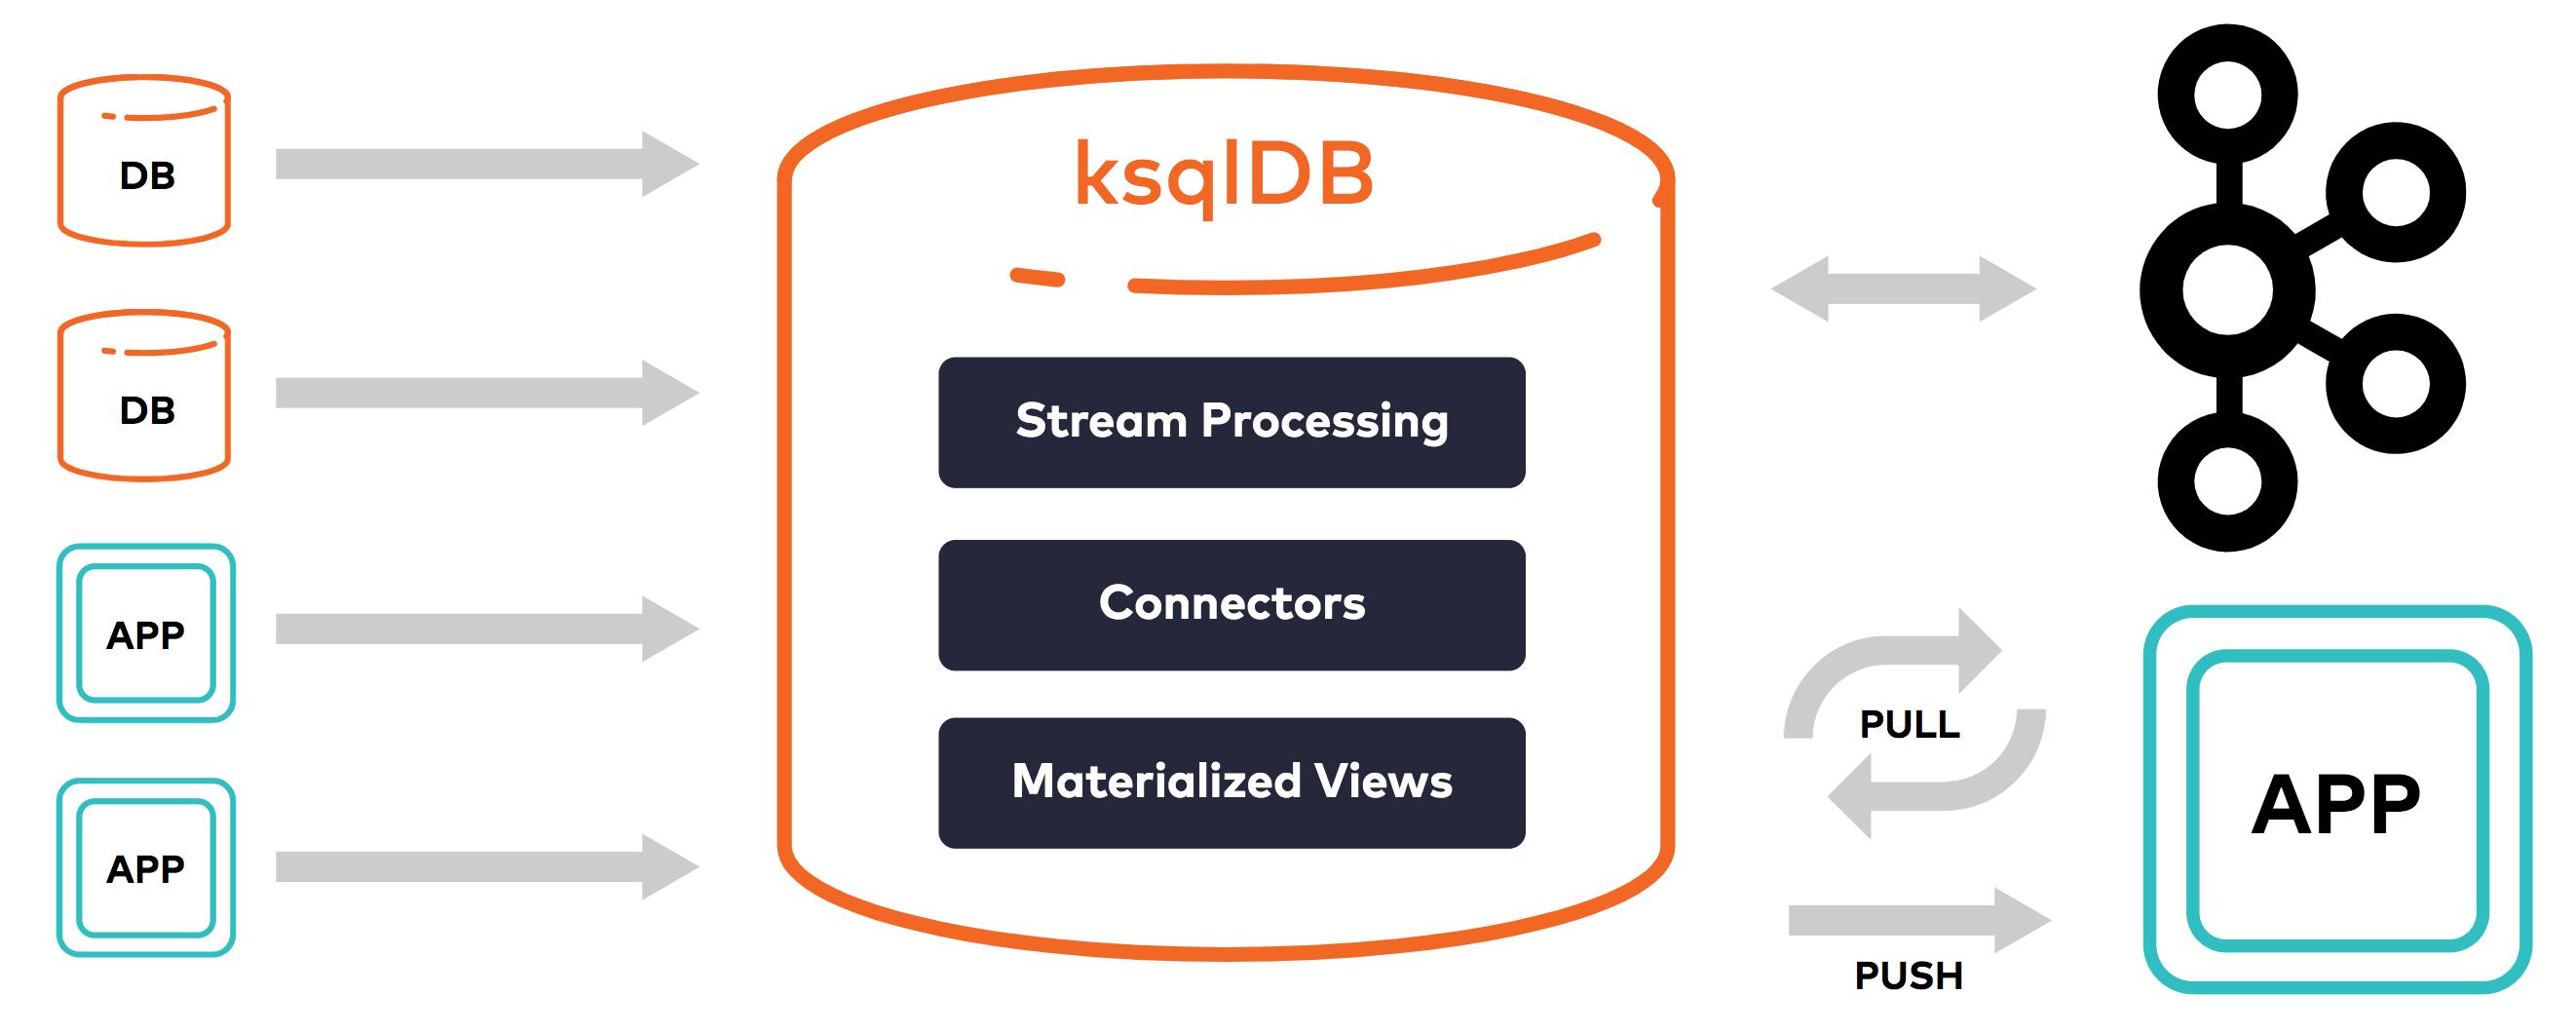 ksqlDB e connettore Dremio: funzionalità e vantaggi per il Data Streaming